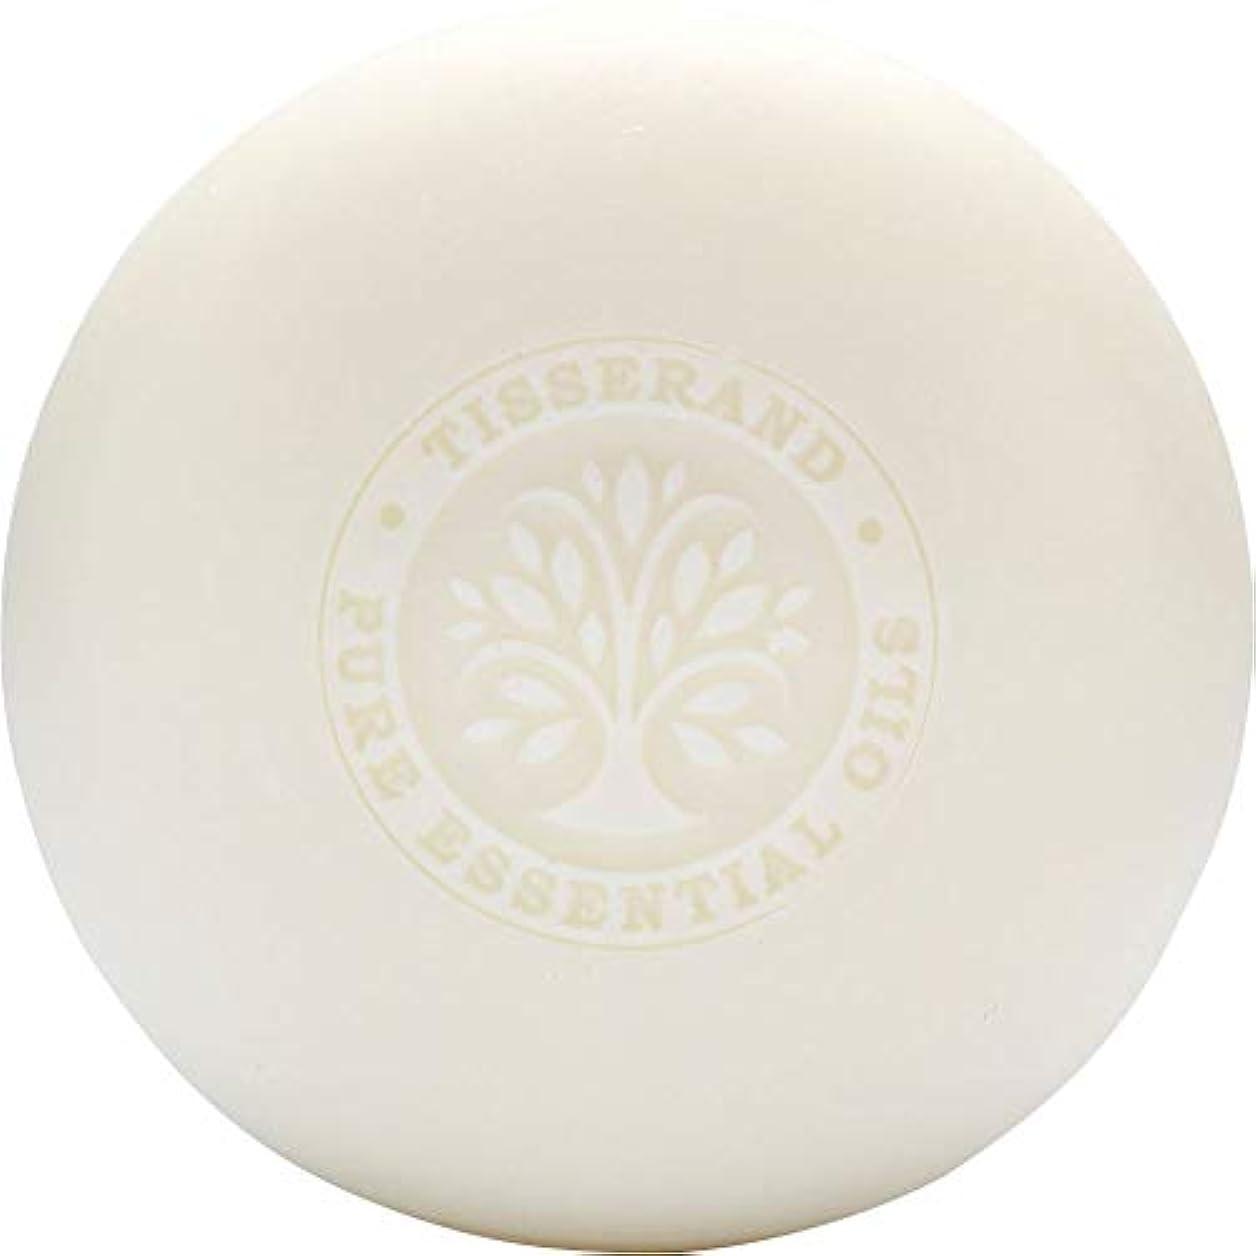 リハーサルセールスマン中世の[Tisserand] ティスランドローズ&ゼラニウムの葉石鹸100グラム - Tisserand Rose & Geranium Leaf Soap 100g [並行輸入品]